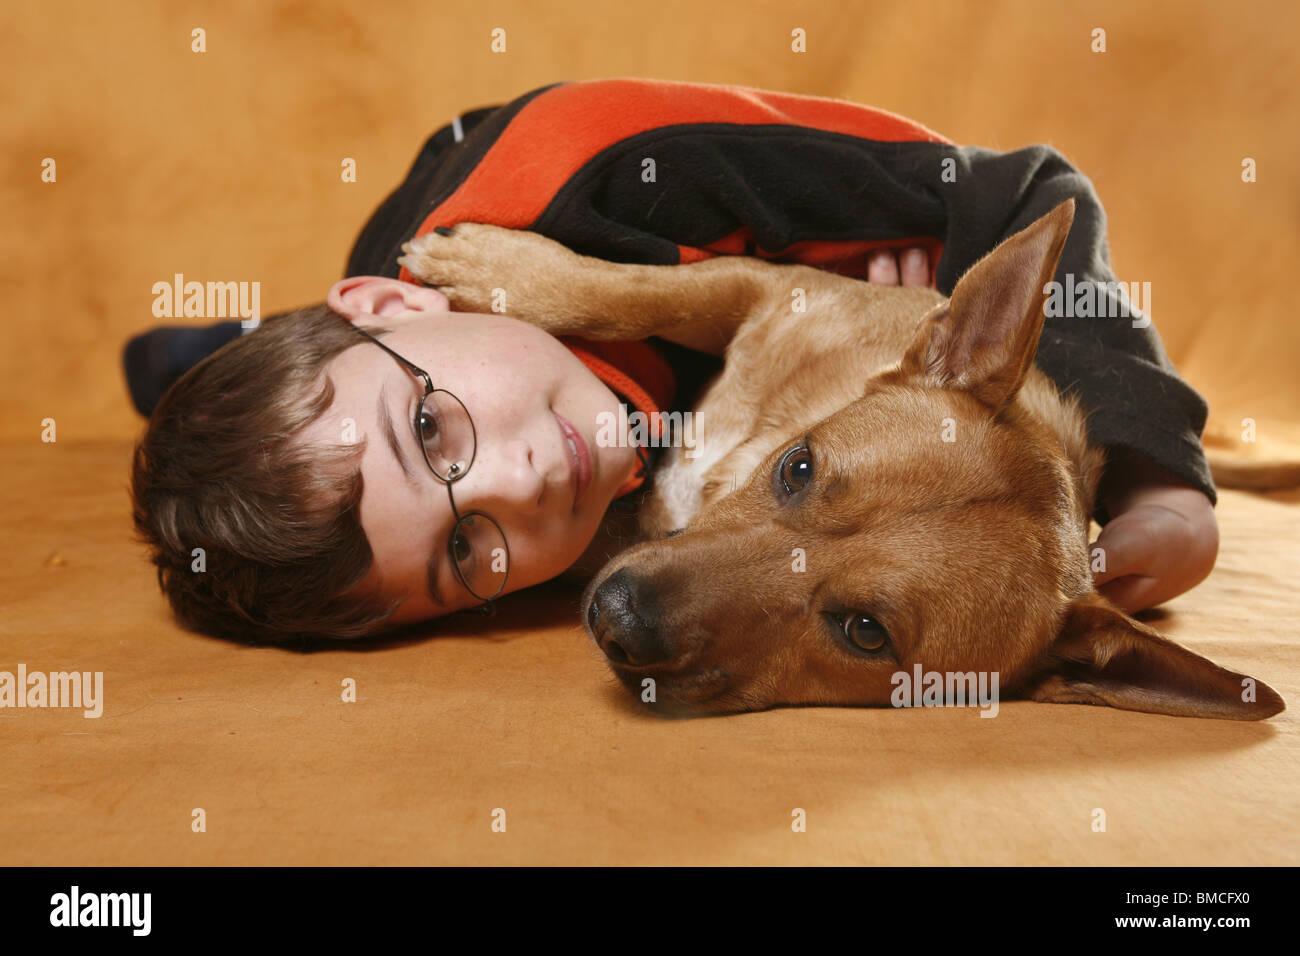 Junge schmust mit Hund / boy with dog Stock Photo